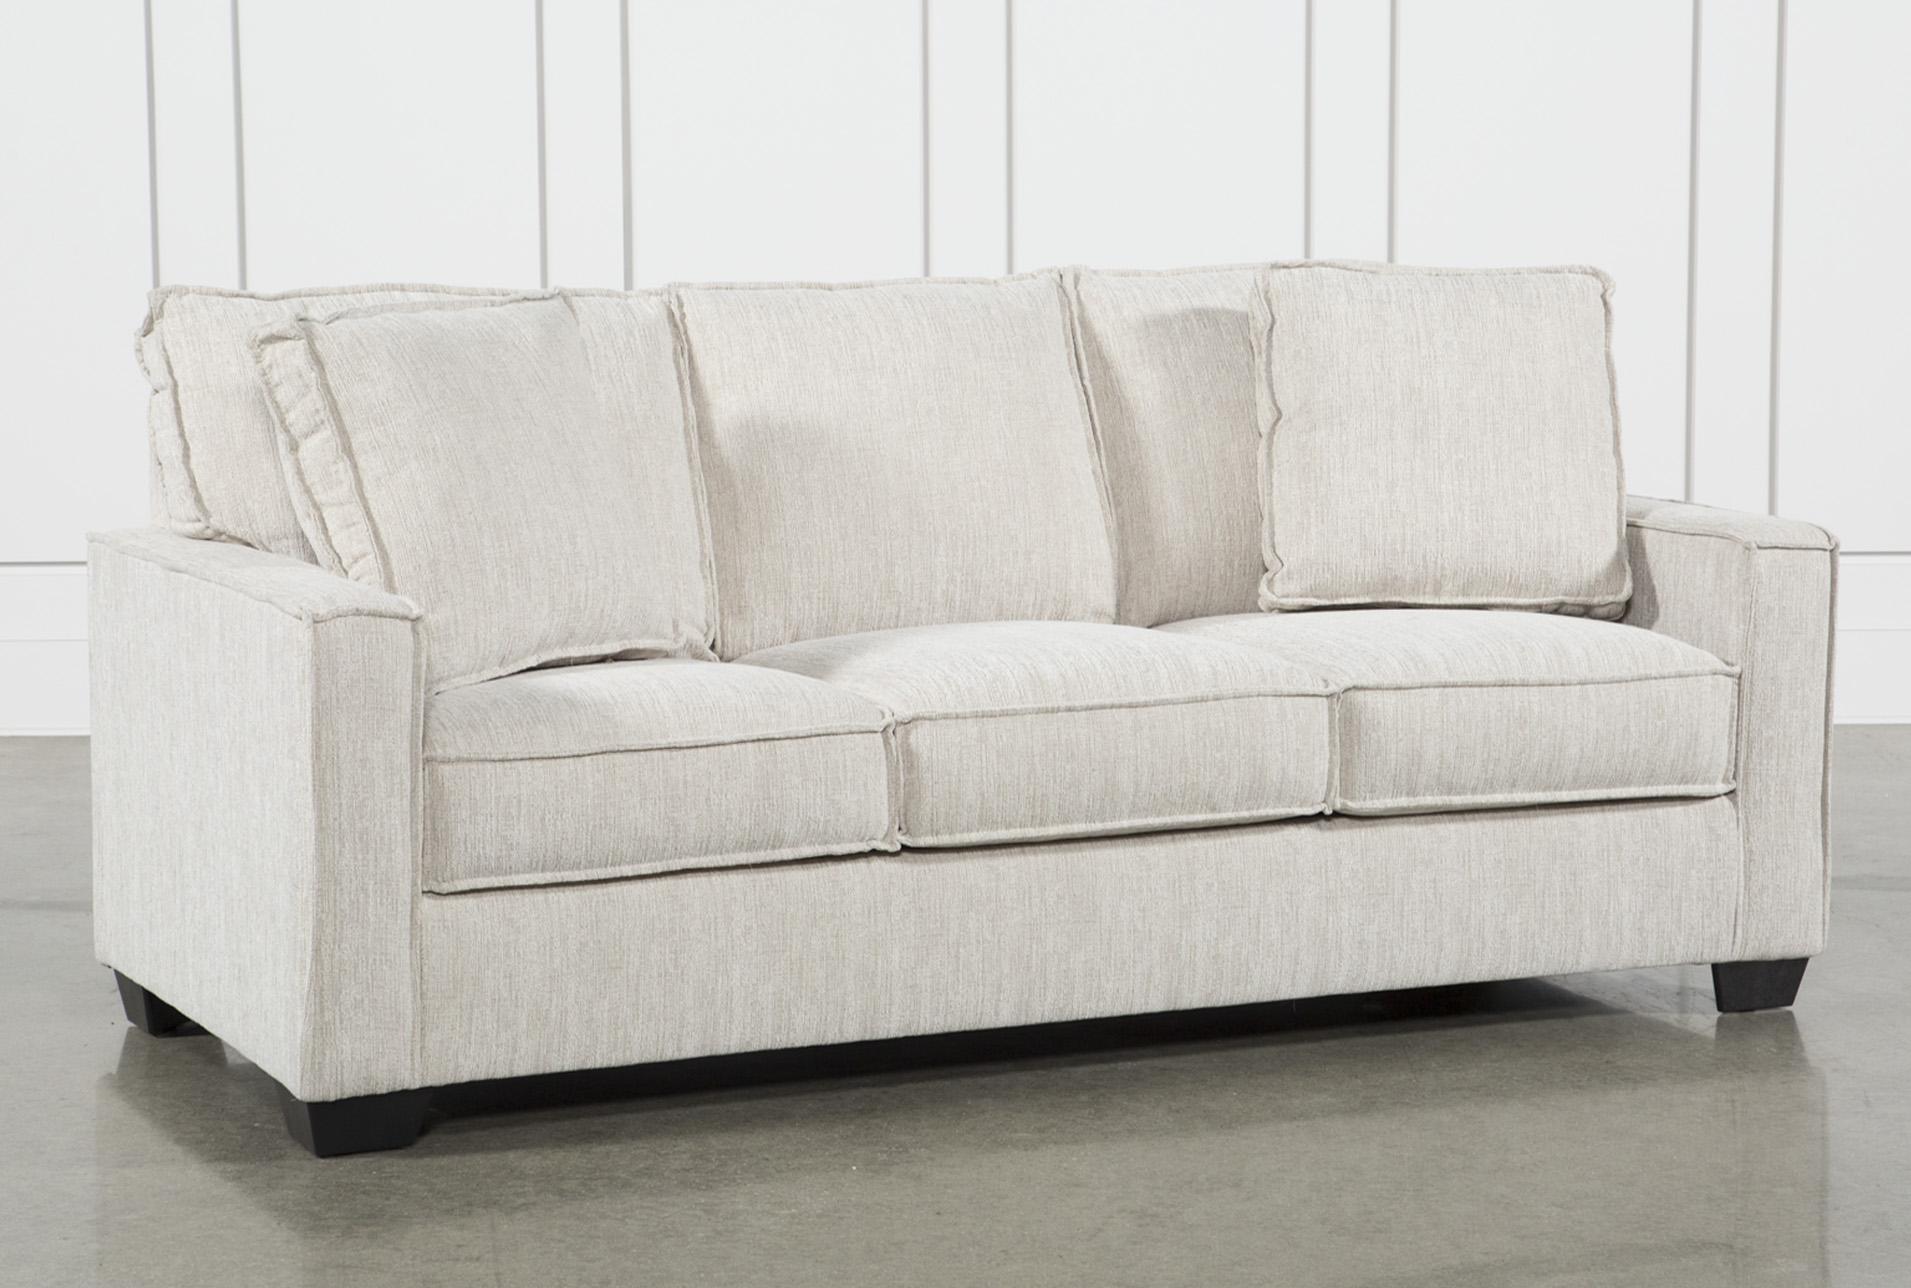 escondido queen sofa sleeper living spaces rh livingspaces com IKEA Sofa Beds for Small Space Space Saver Sofa Beds